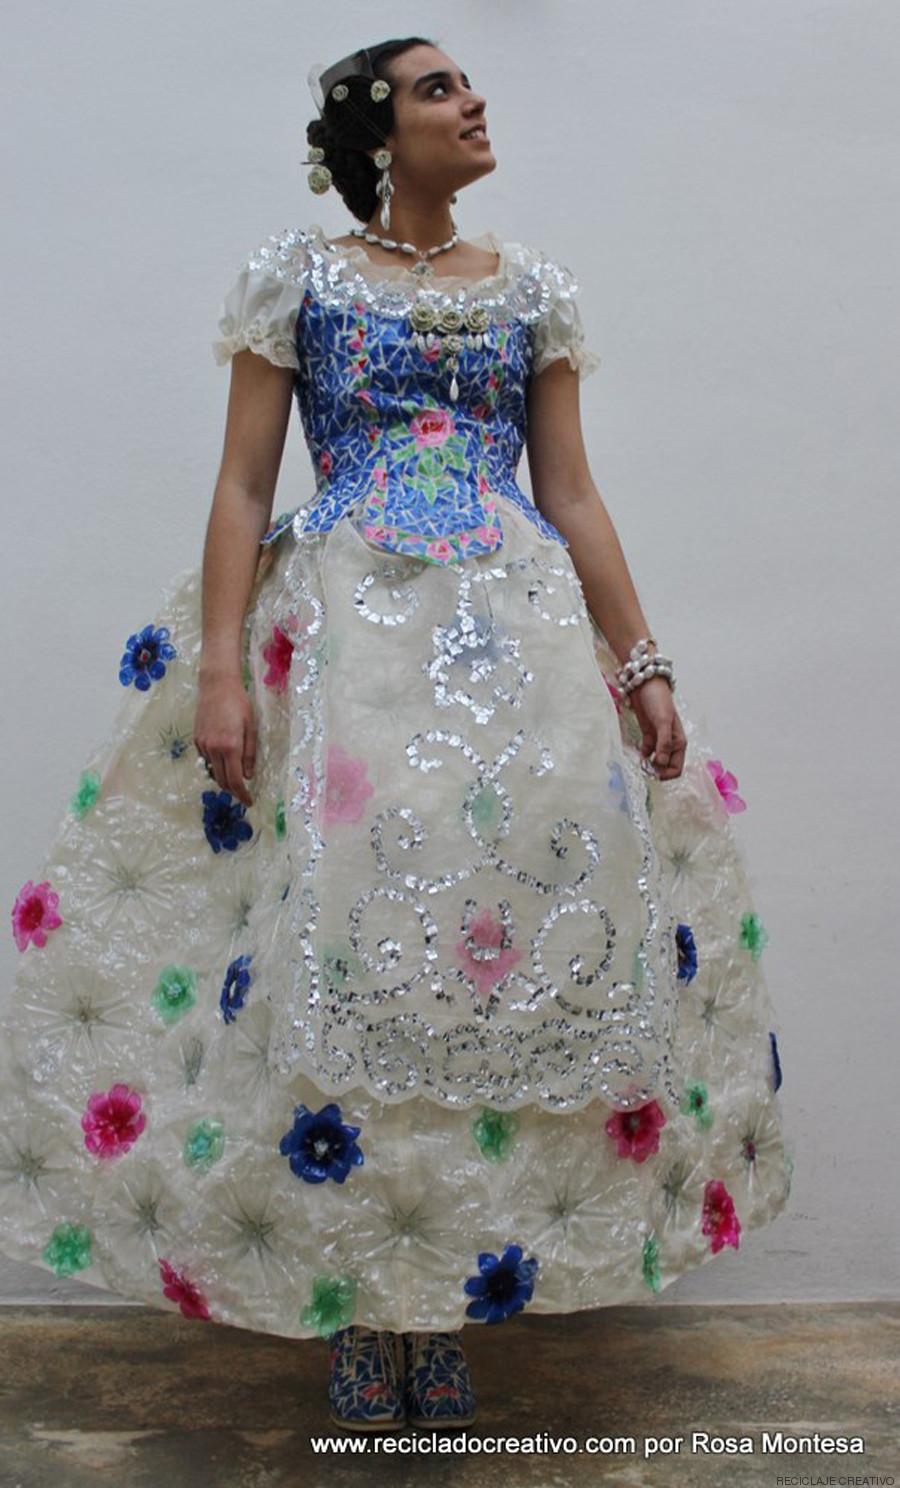 El vestido se ha hecho con materiales reciclados.